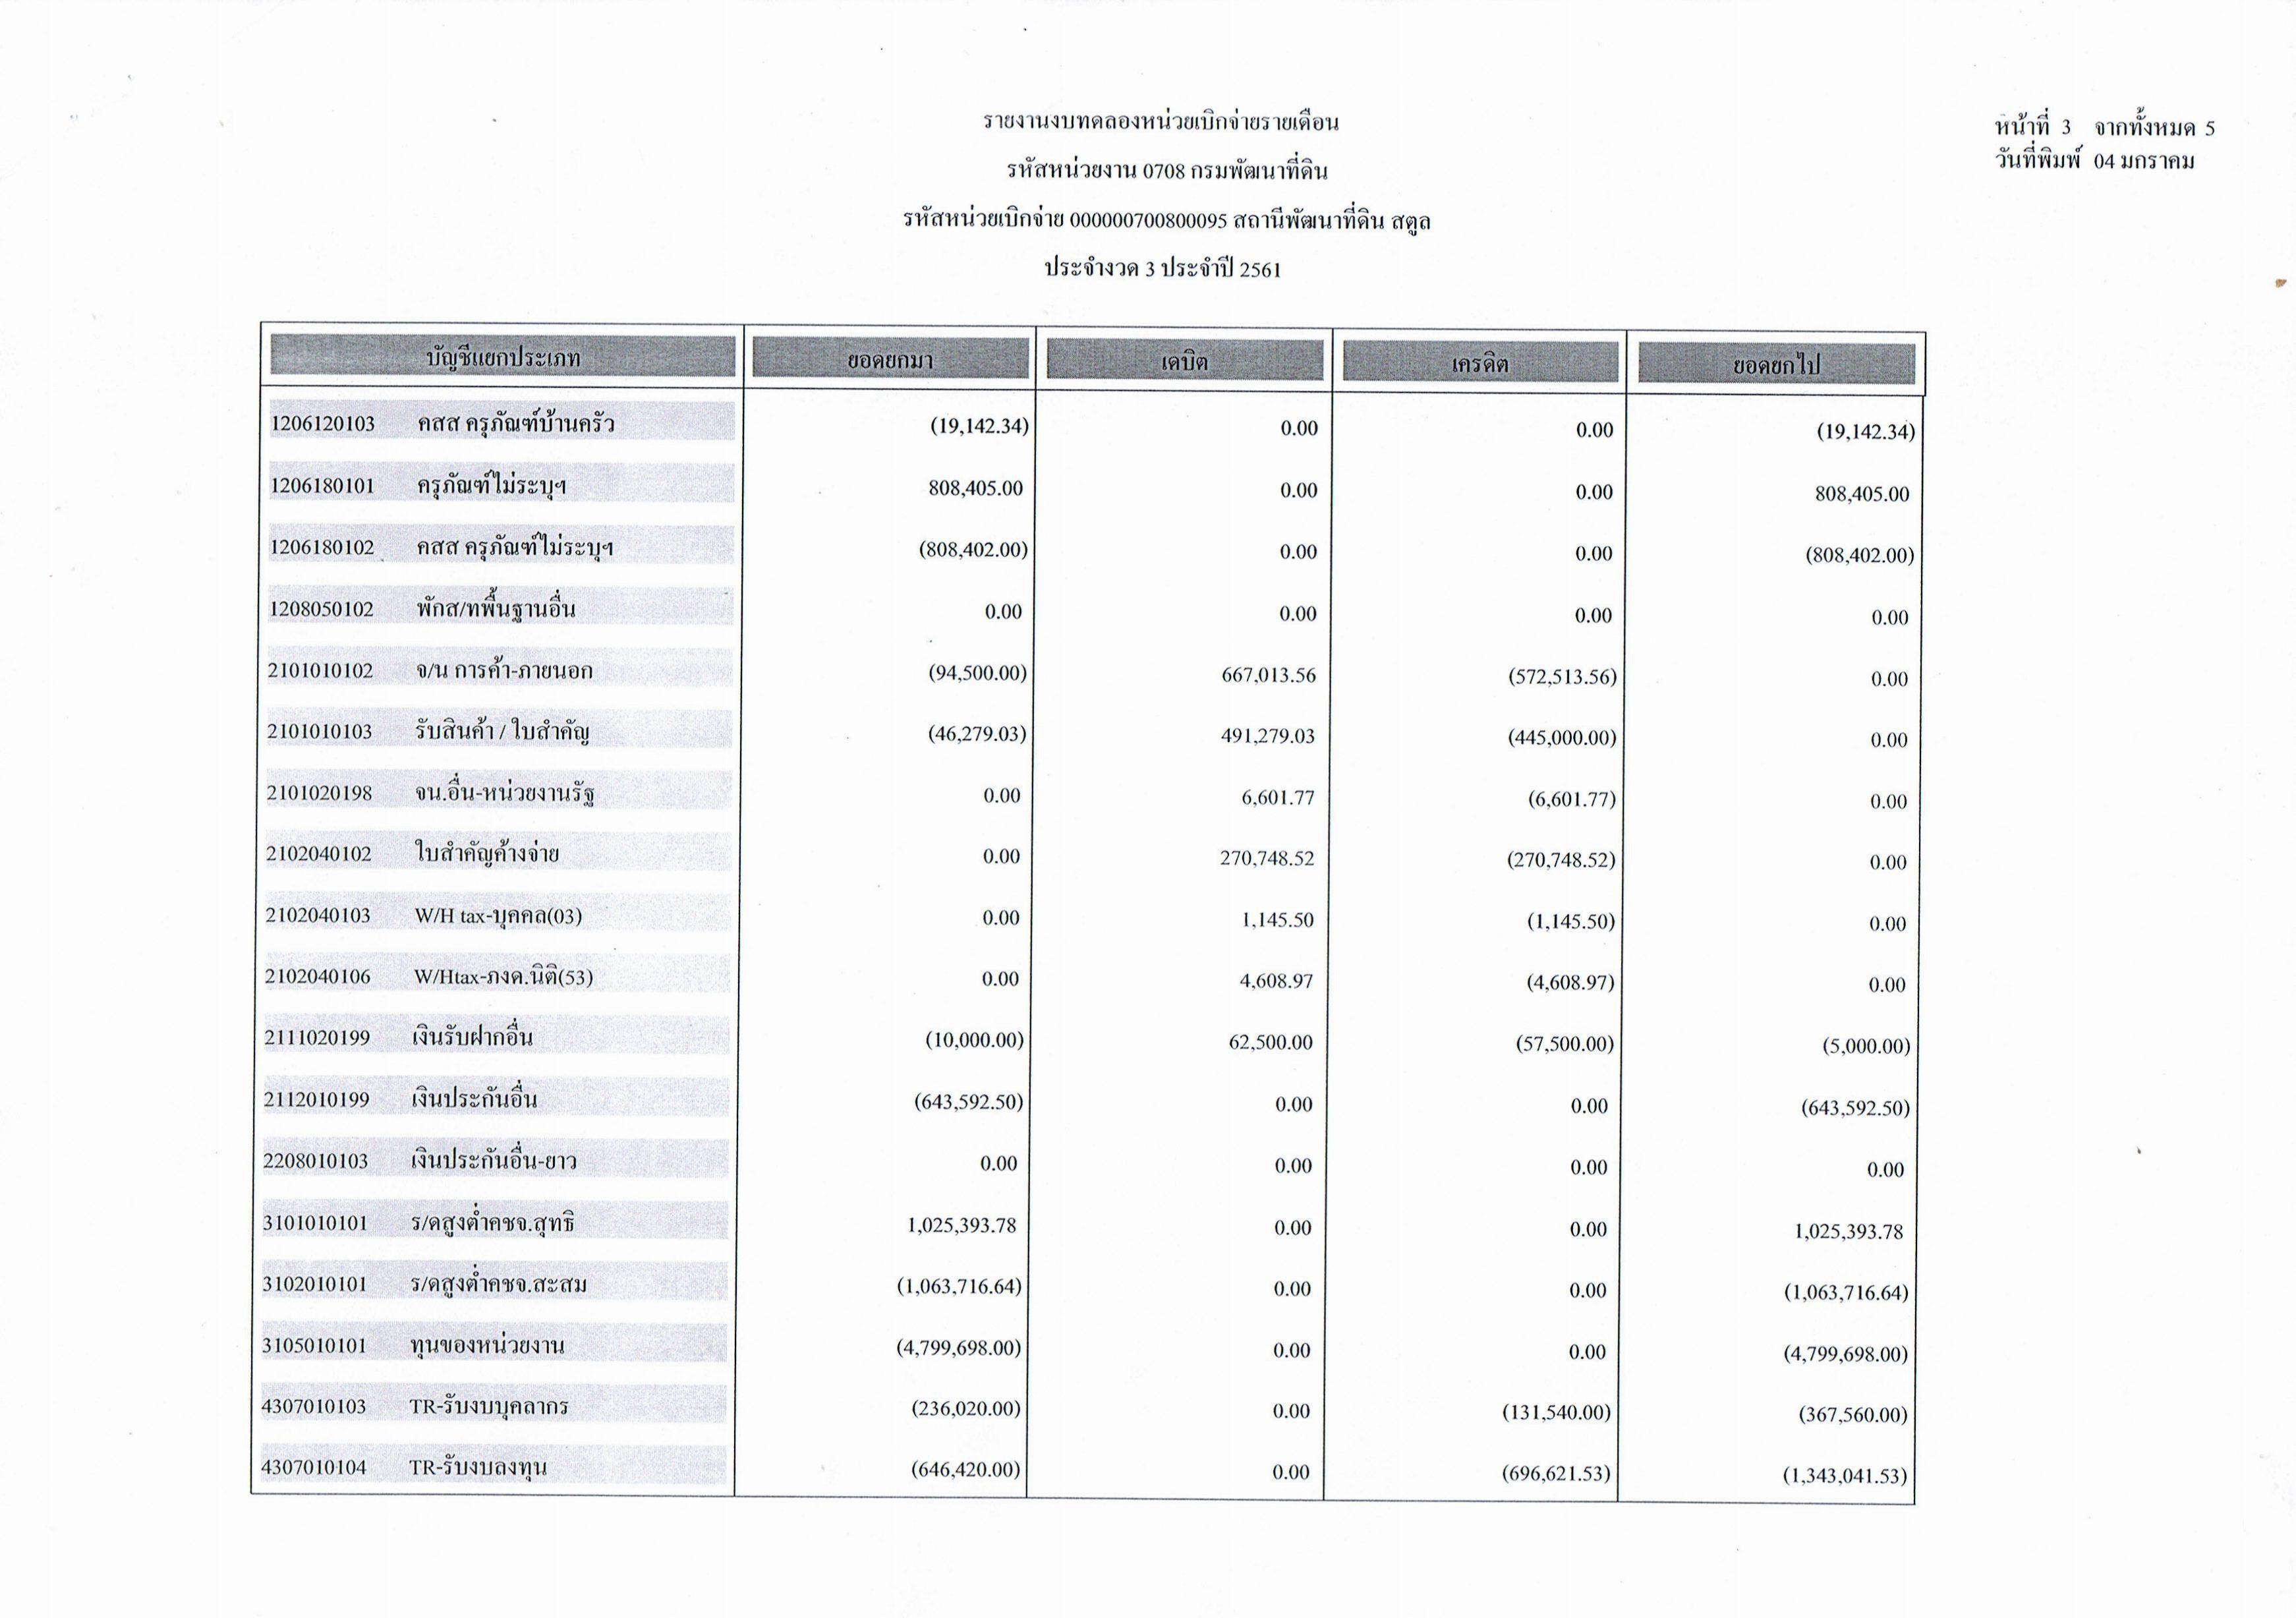 รายงานงบทดลองหน่วยเบิกจ่ายรายเดือนธันวาคม  ประจำงวด 3 ประจำปี 2561 3/5